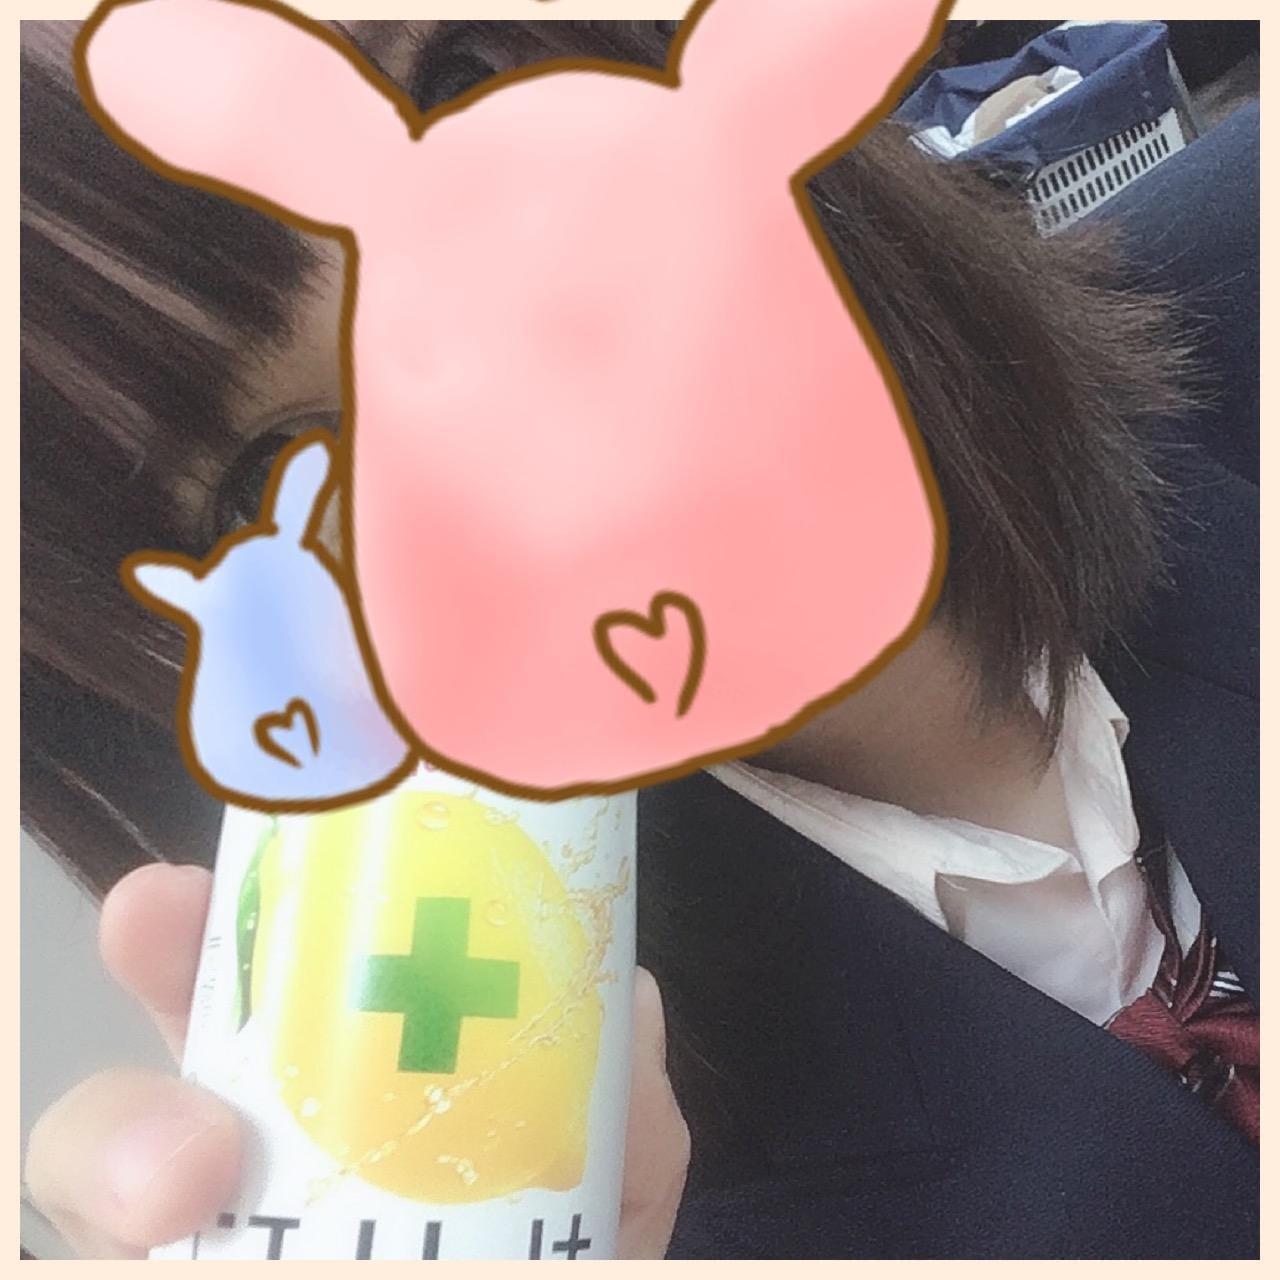 「かな」11/16(金) 20:30 | かなの写メ・風俗動画